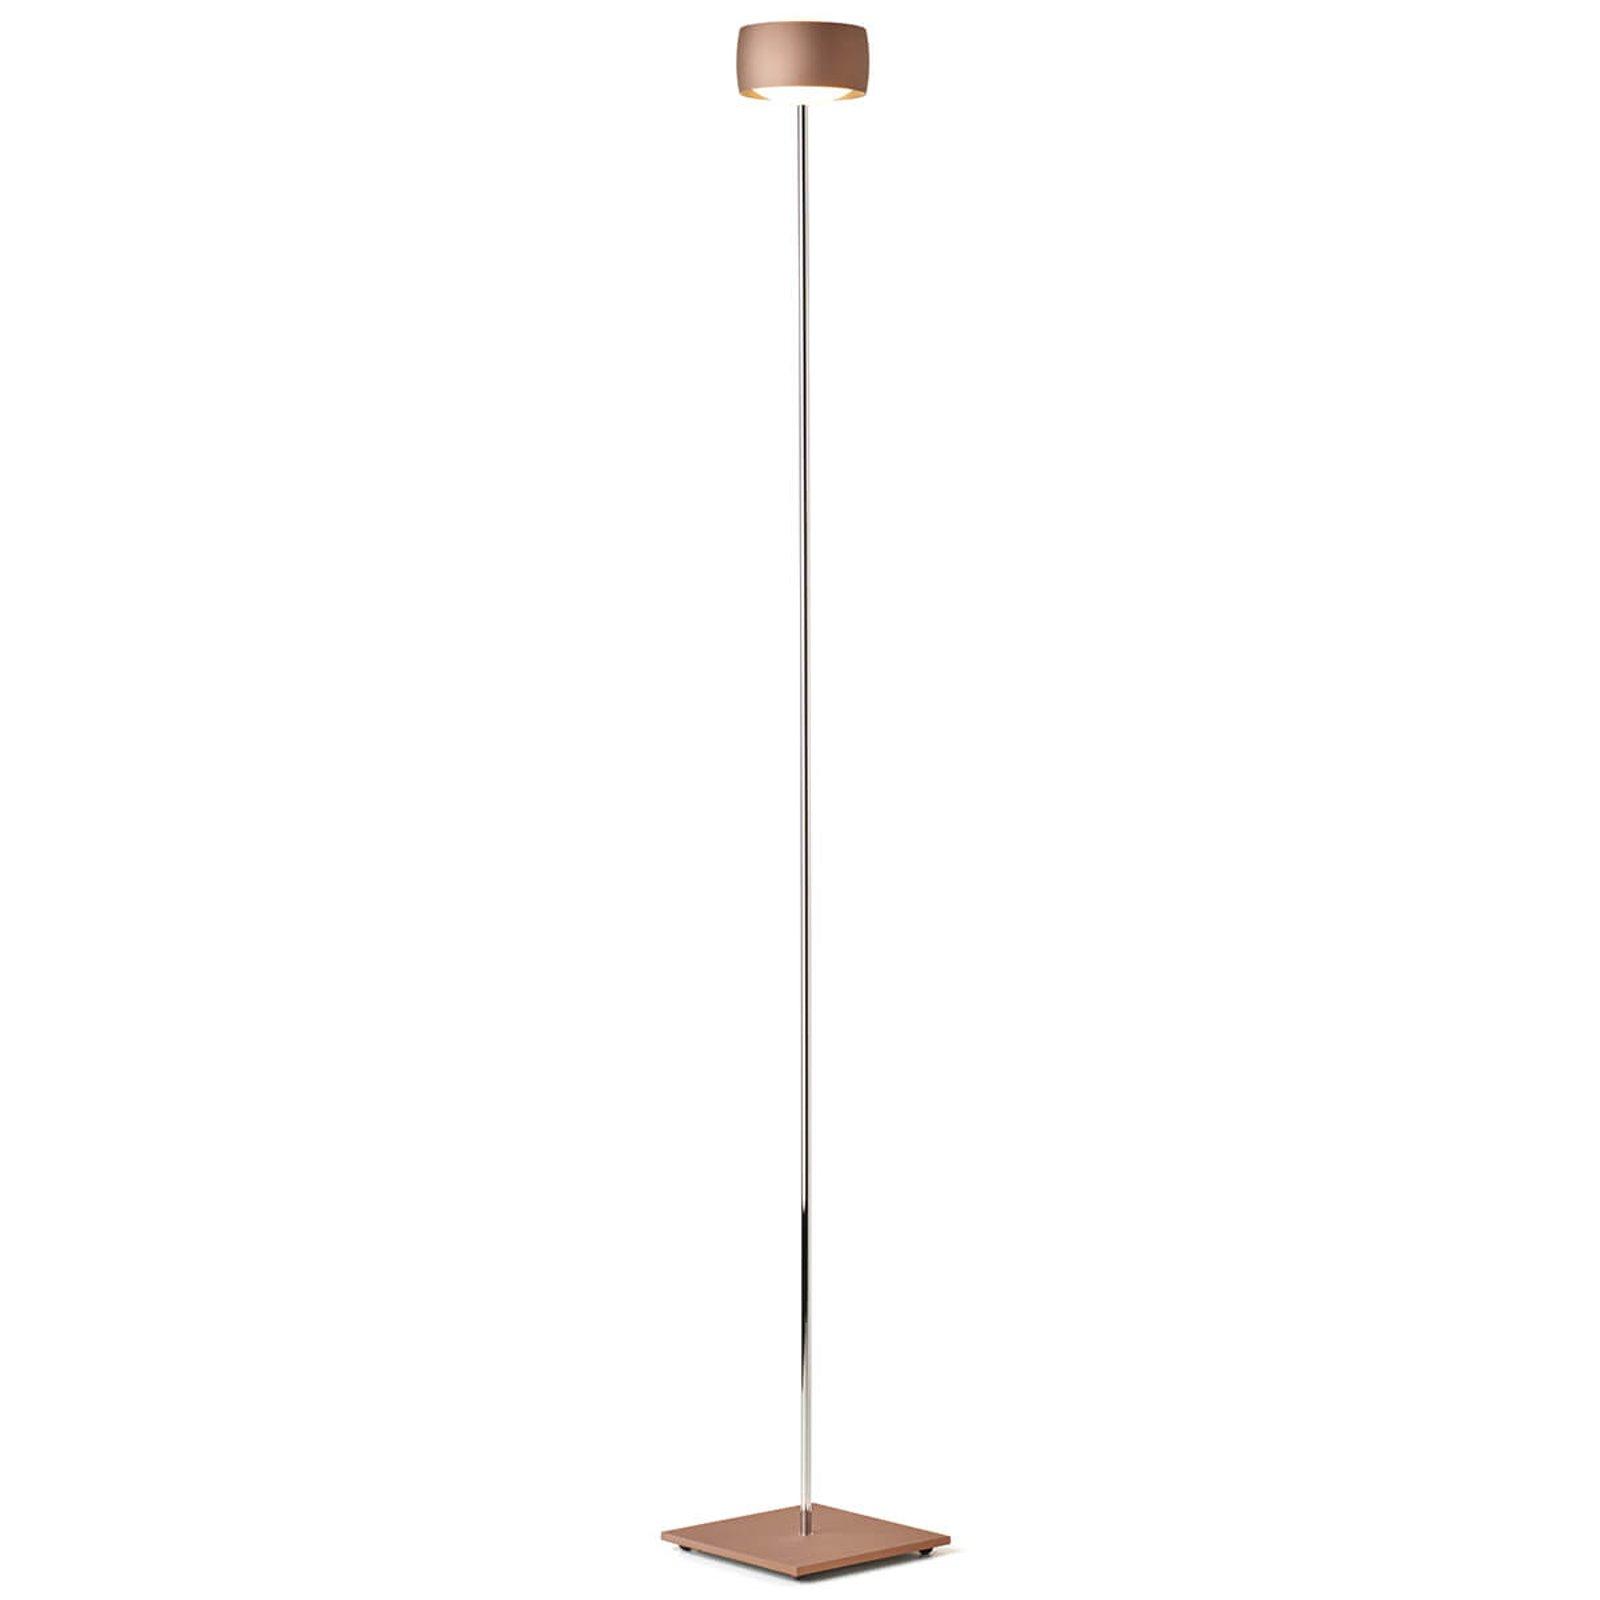 LED-gulvlampe Grace med bevegelsesstyring kobber